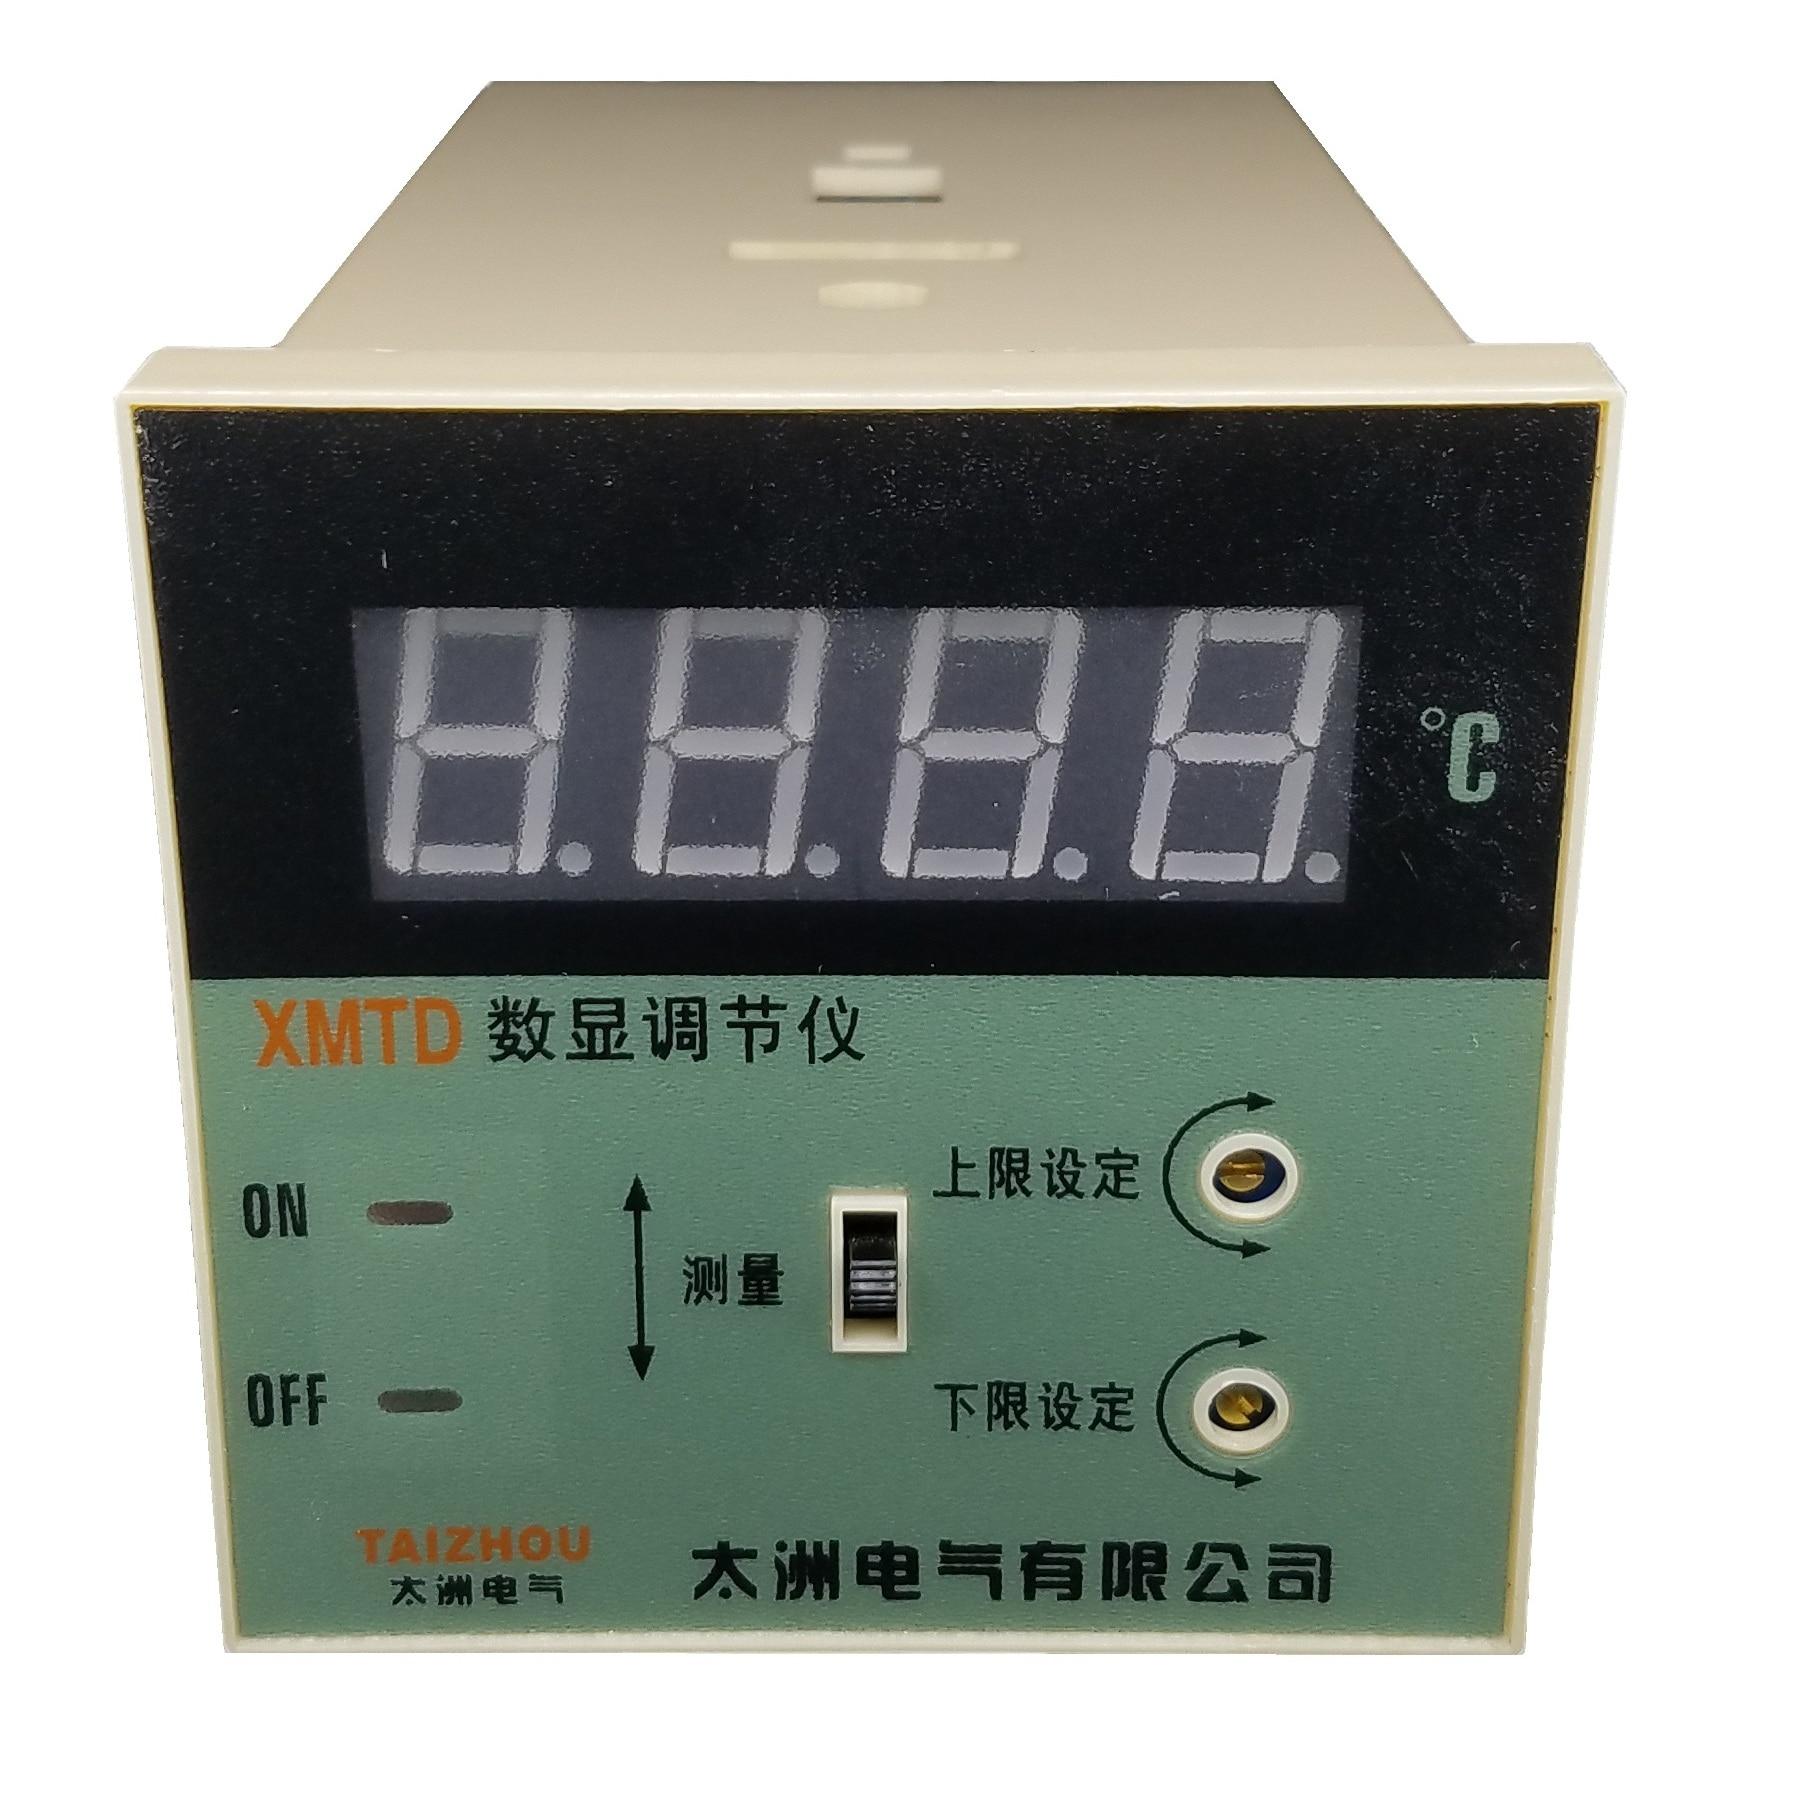 instrumento de controle eletronico digital xmtd 2201 k e 02 oven 5pcs lot do medidor